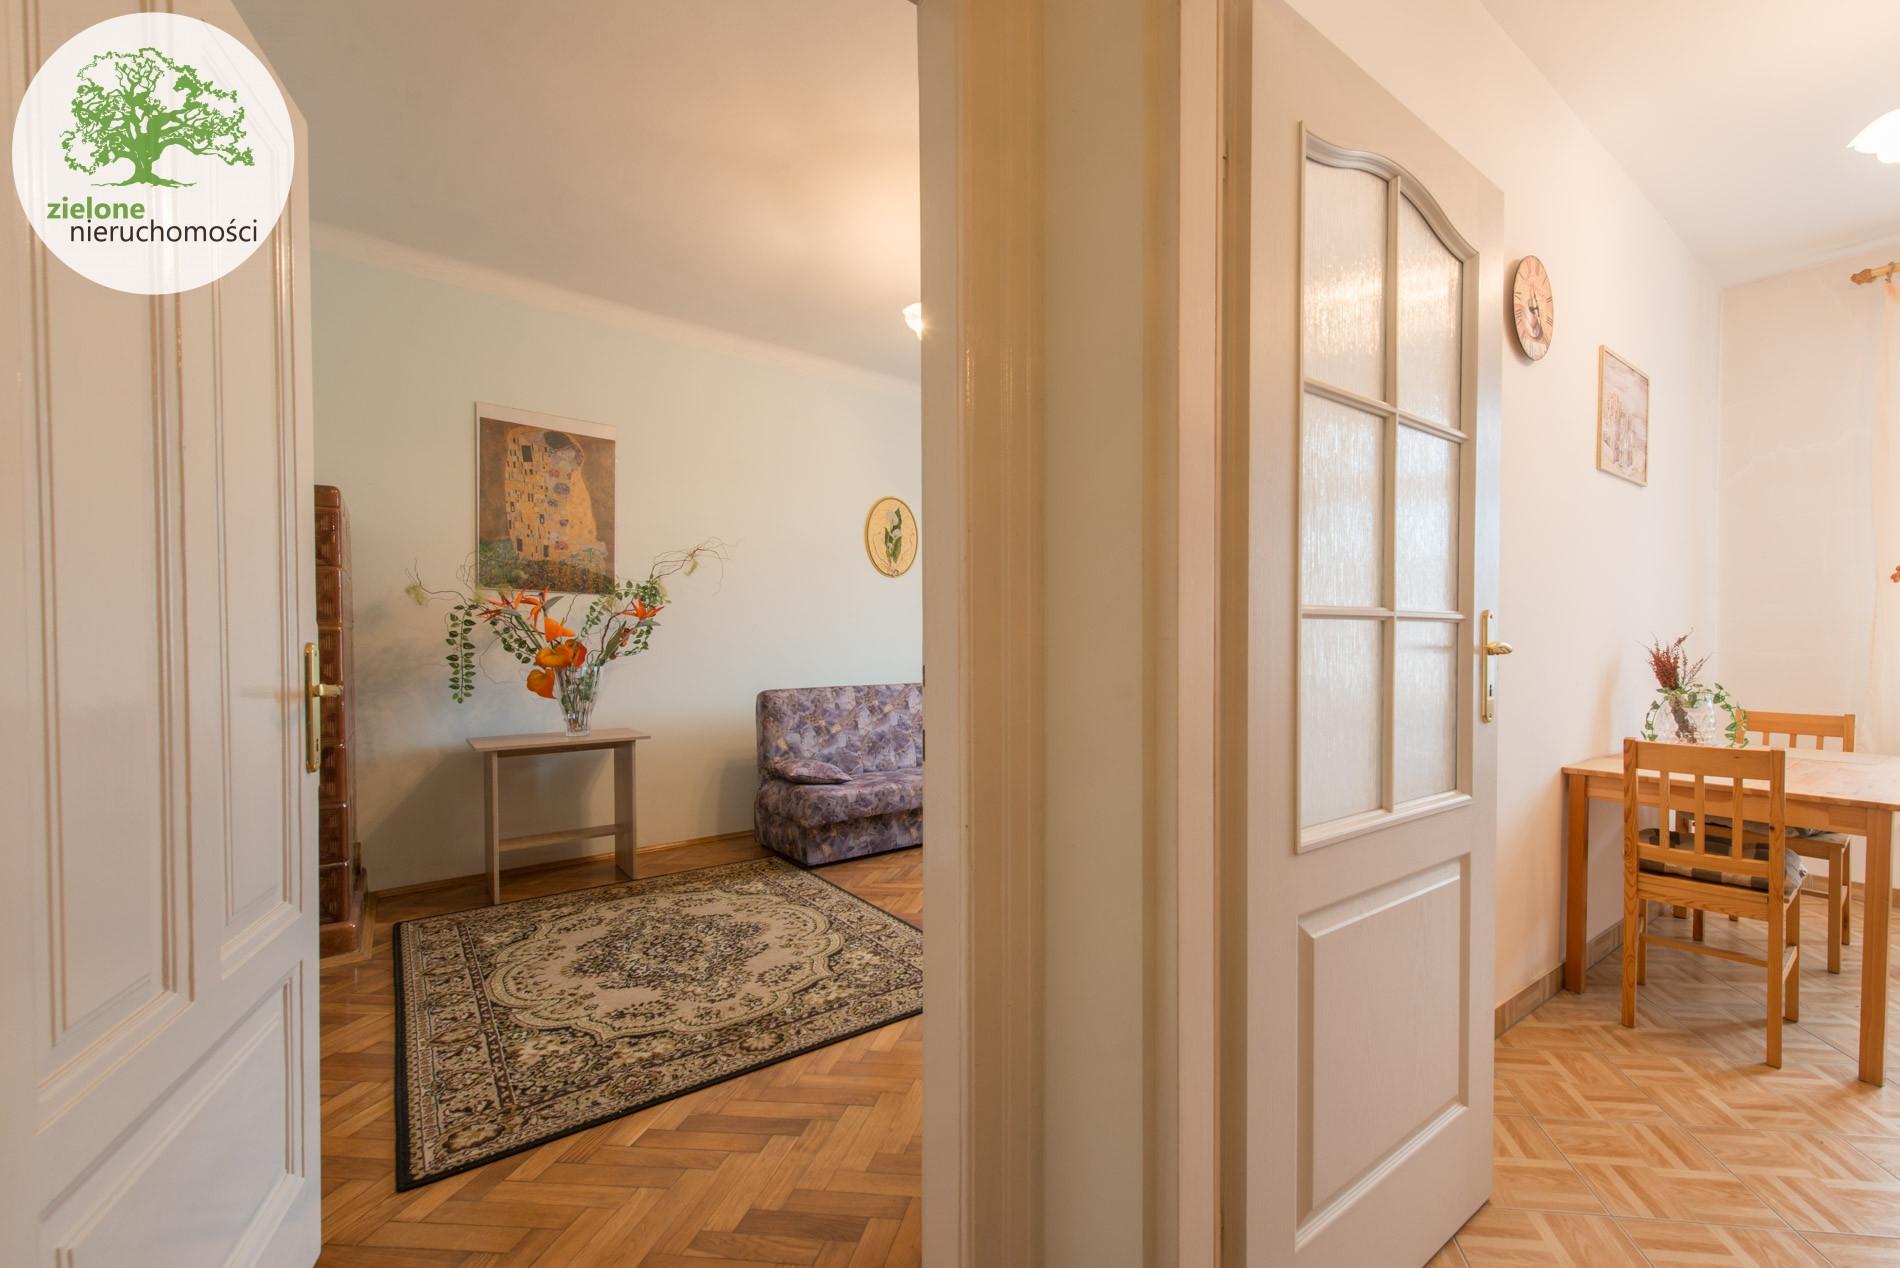 Zdjęcie 2Mieszkanie w kamienicy, w pobliżu Sfery